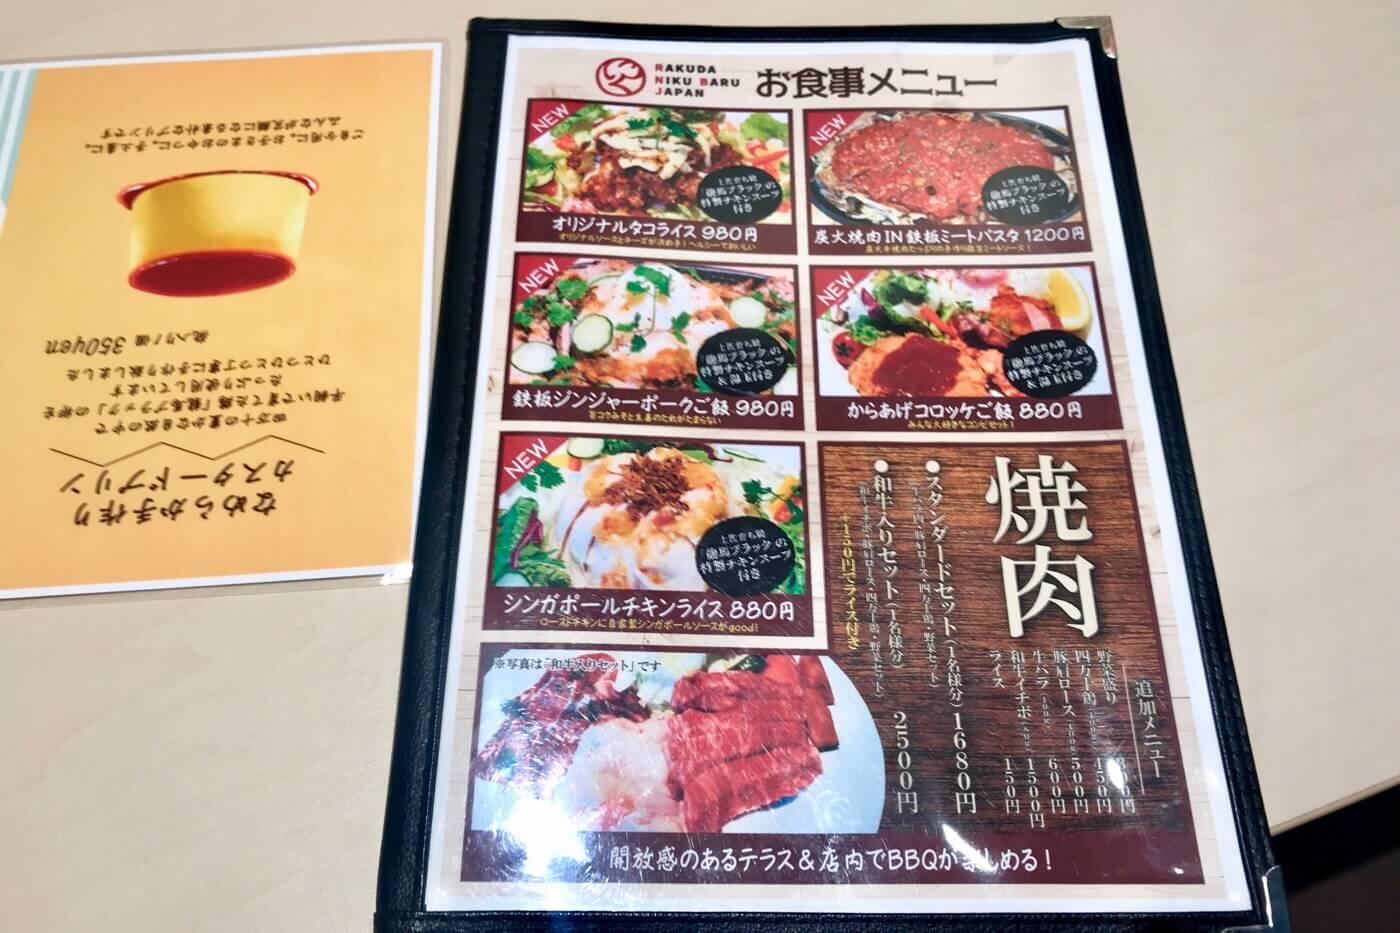 高知蔦屋書店 RAKUDA NIKU BARU JAPAN(ラクダニクバル) のメニュー